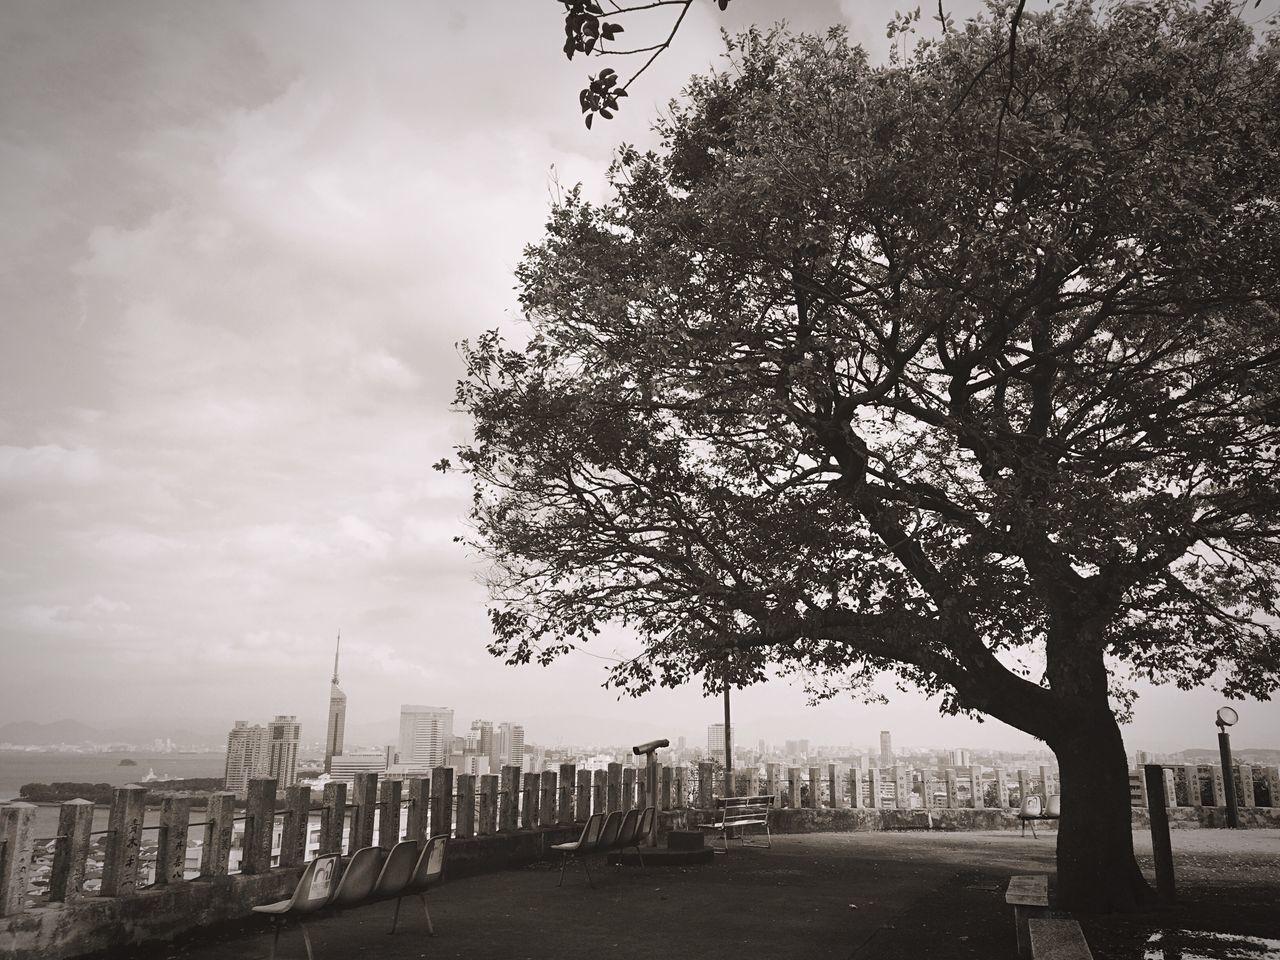 鷲尾愛宕神社からの景色〜 City Sky Tree Cloud - Sky Urban Lifestyle Urbanphotography Urban Landscape Urban Clouds And Sky Cityscape Sky And Clouds Beauty In Nature Skylovers Eyeemphotography Urban Skyline Skyporn Skyscraper Sky_collection Cityscape Cityscapes Sea Tree Trees And Sky Japanese Shrine Fukuoka,Japan